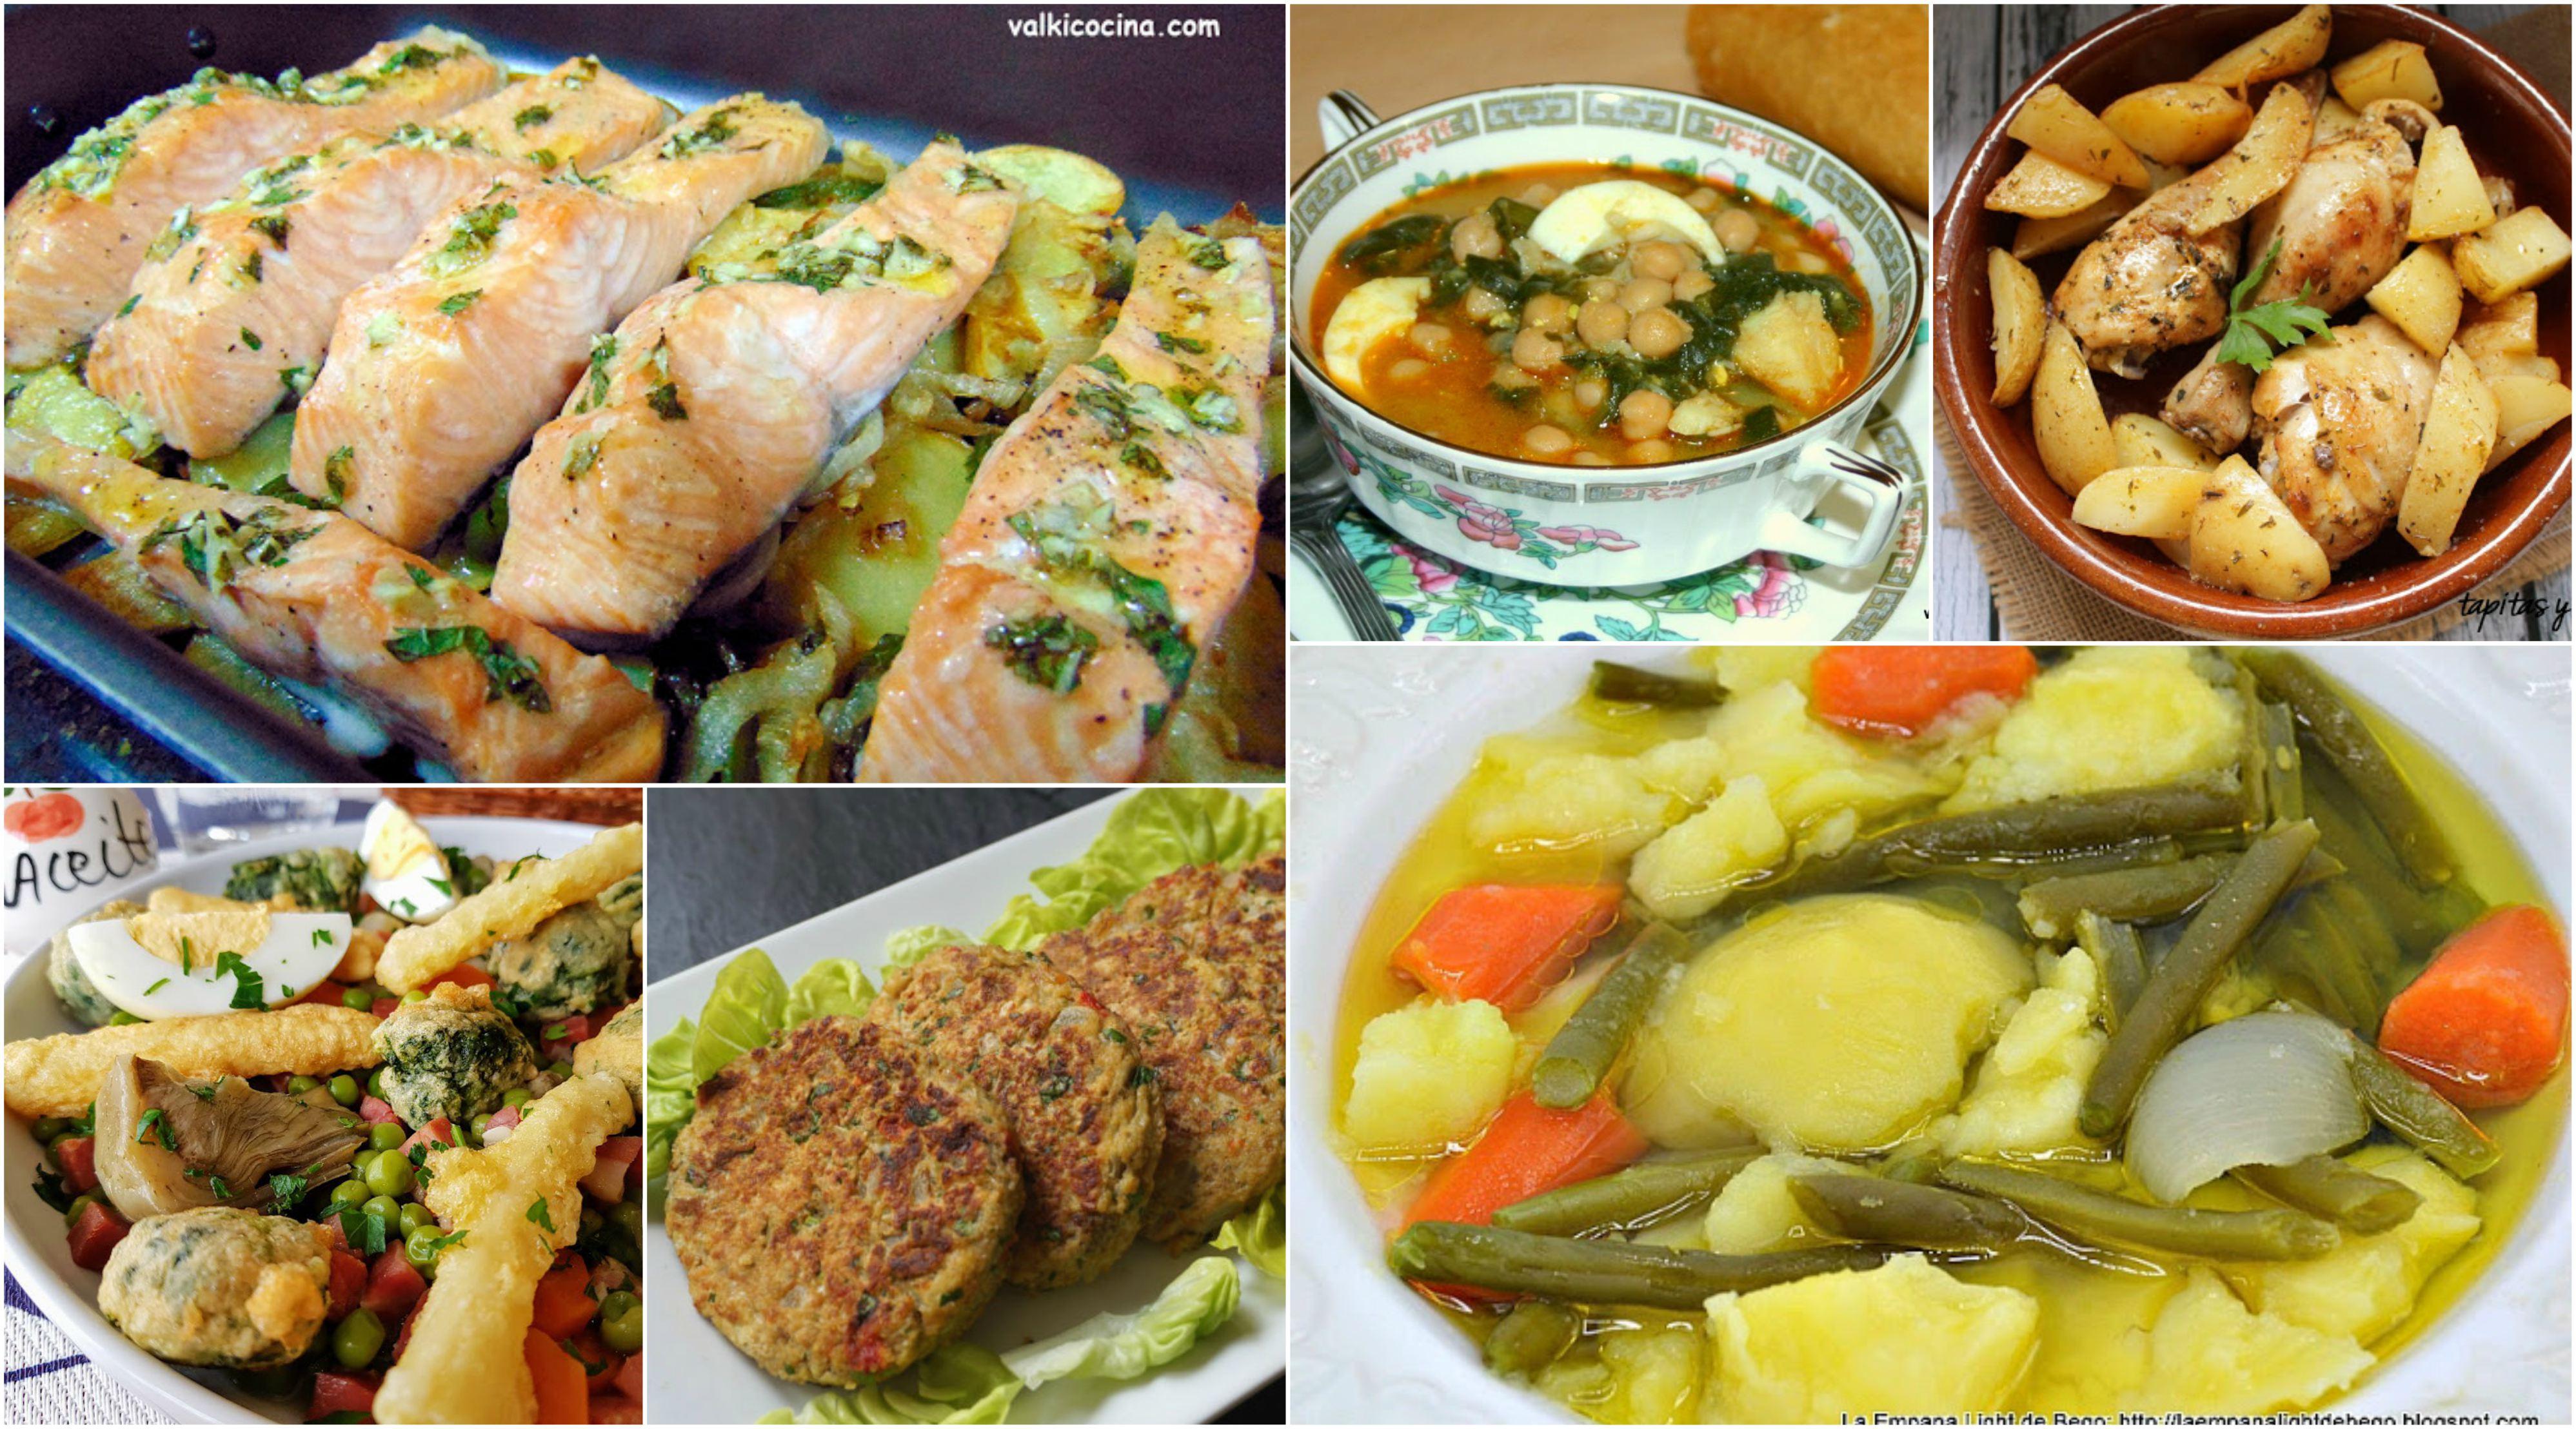 Men semanal 46 men saludable la cocina de pedro y yolanda for Menus saludables y economicos